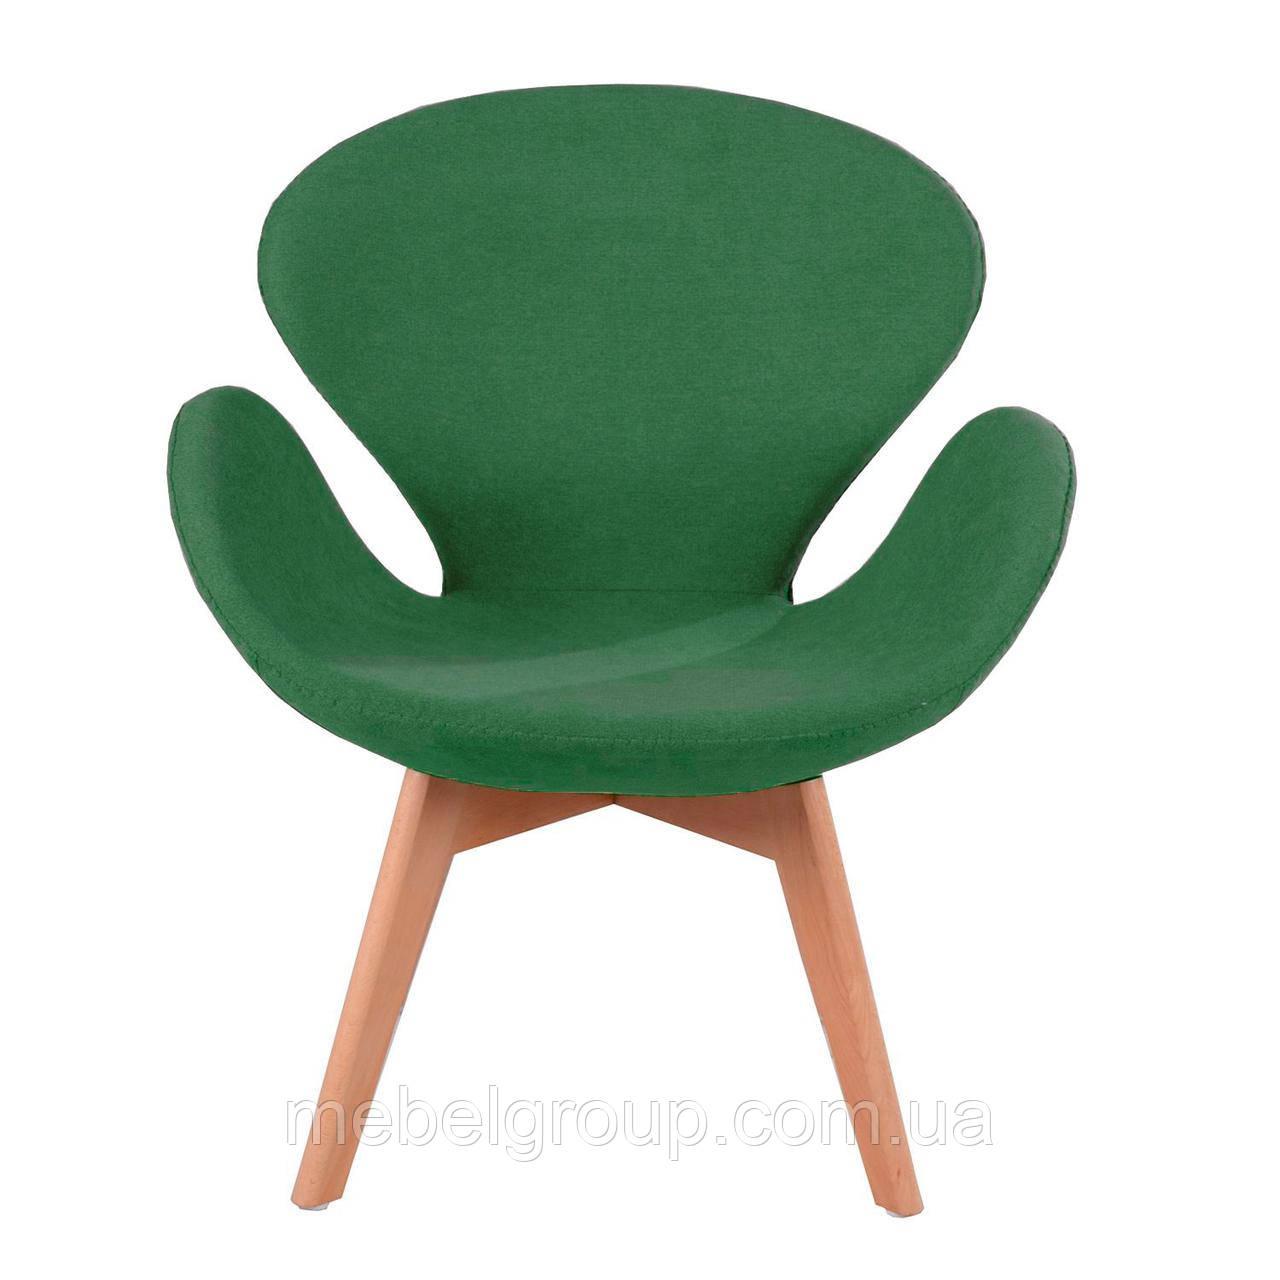 Кресло мягкое Сван зеленое